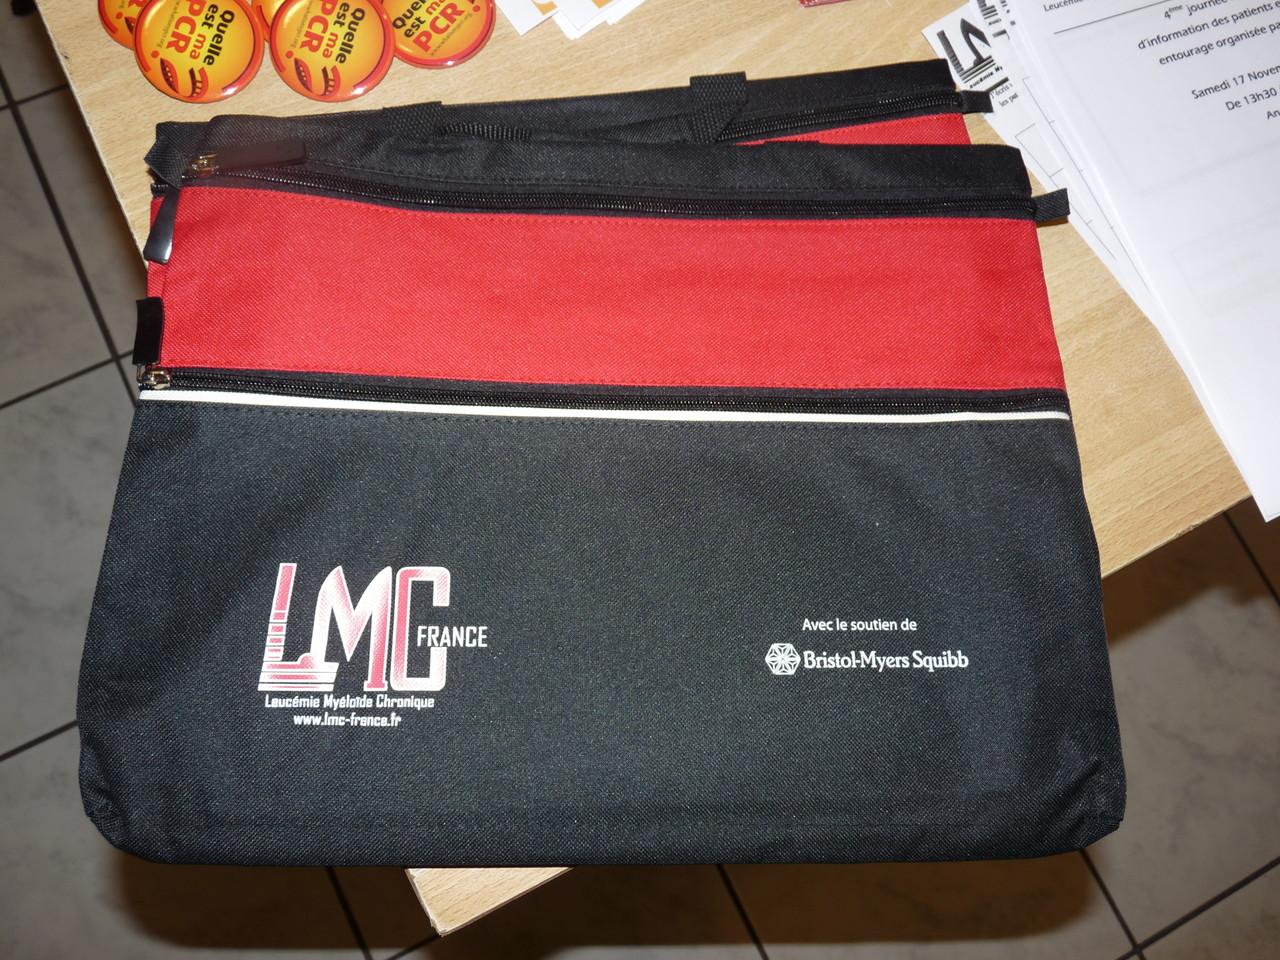 La mallette observance LMC France - Journée Patients Fi LMC 2012